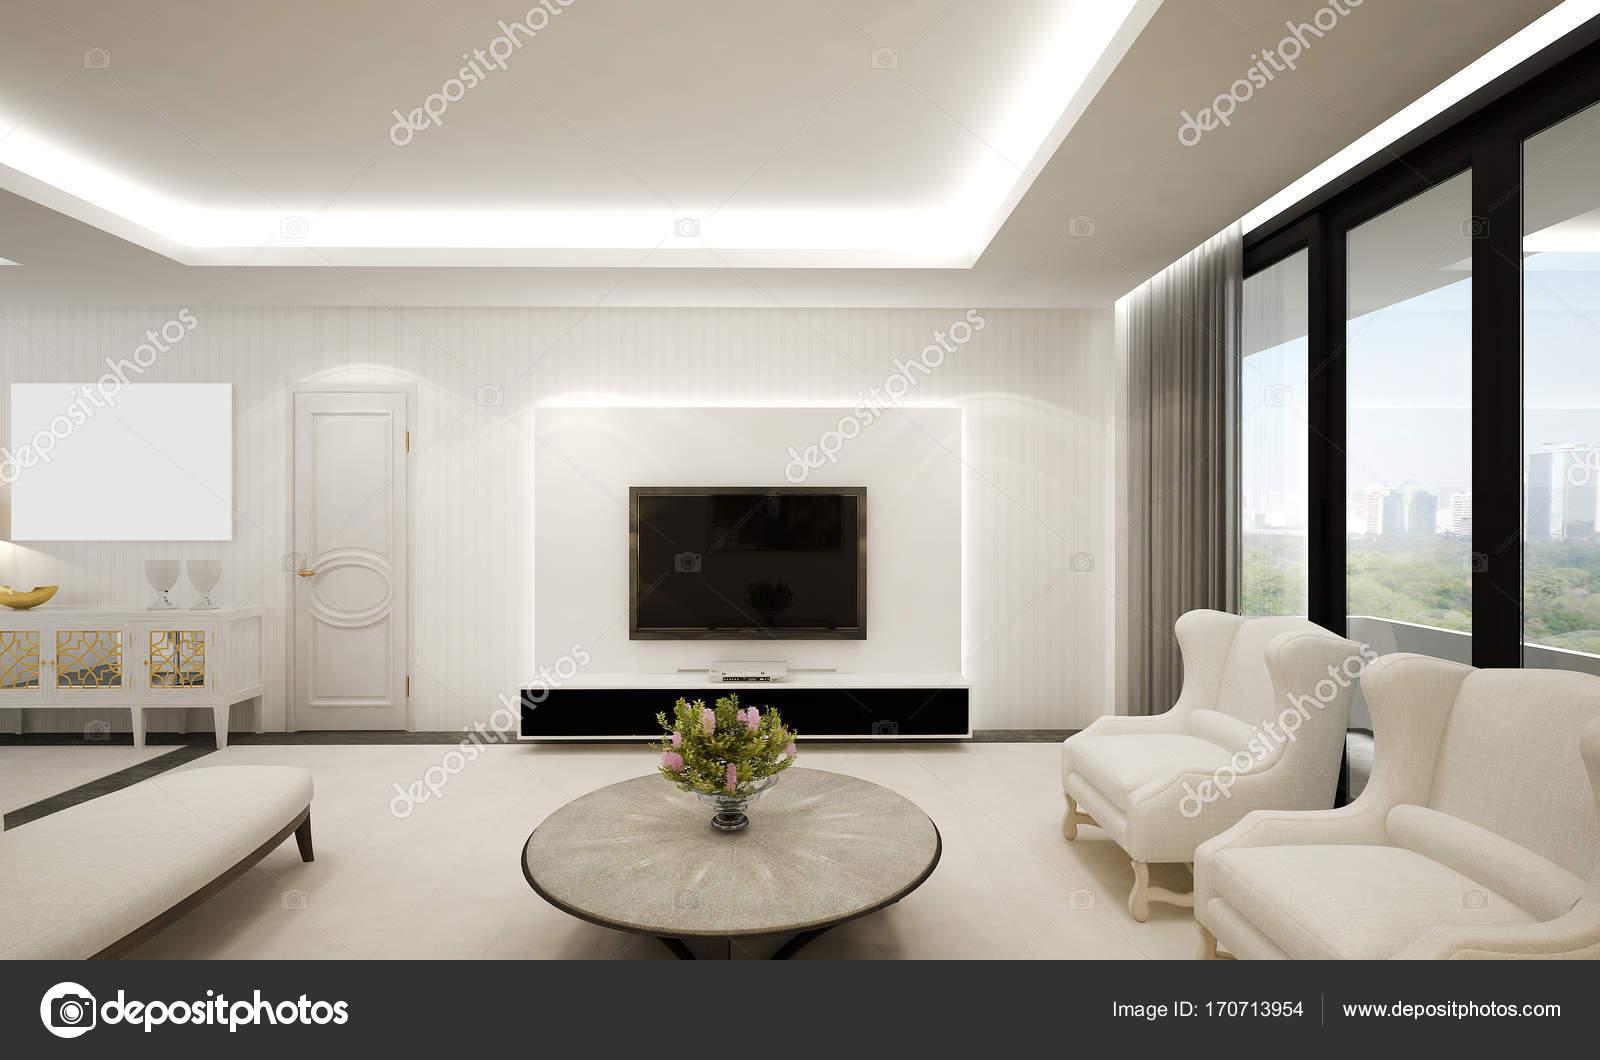 De moderne luxe woonkamer en witte muur patroon design Woonkamer design